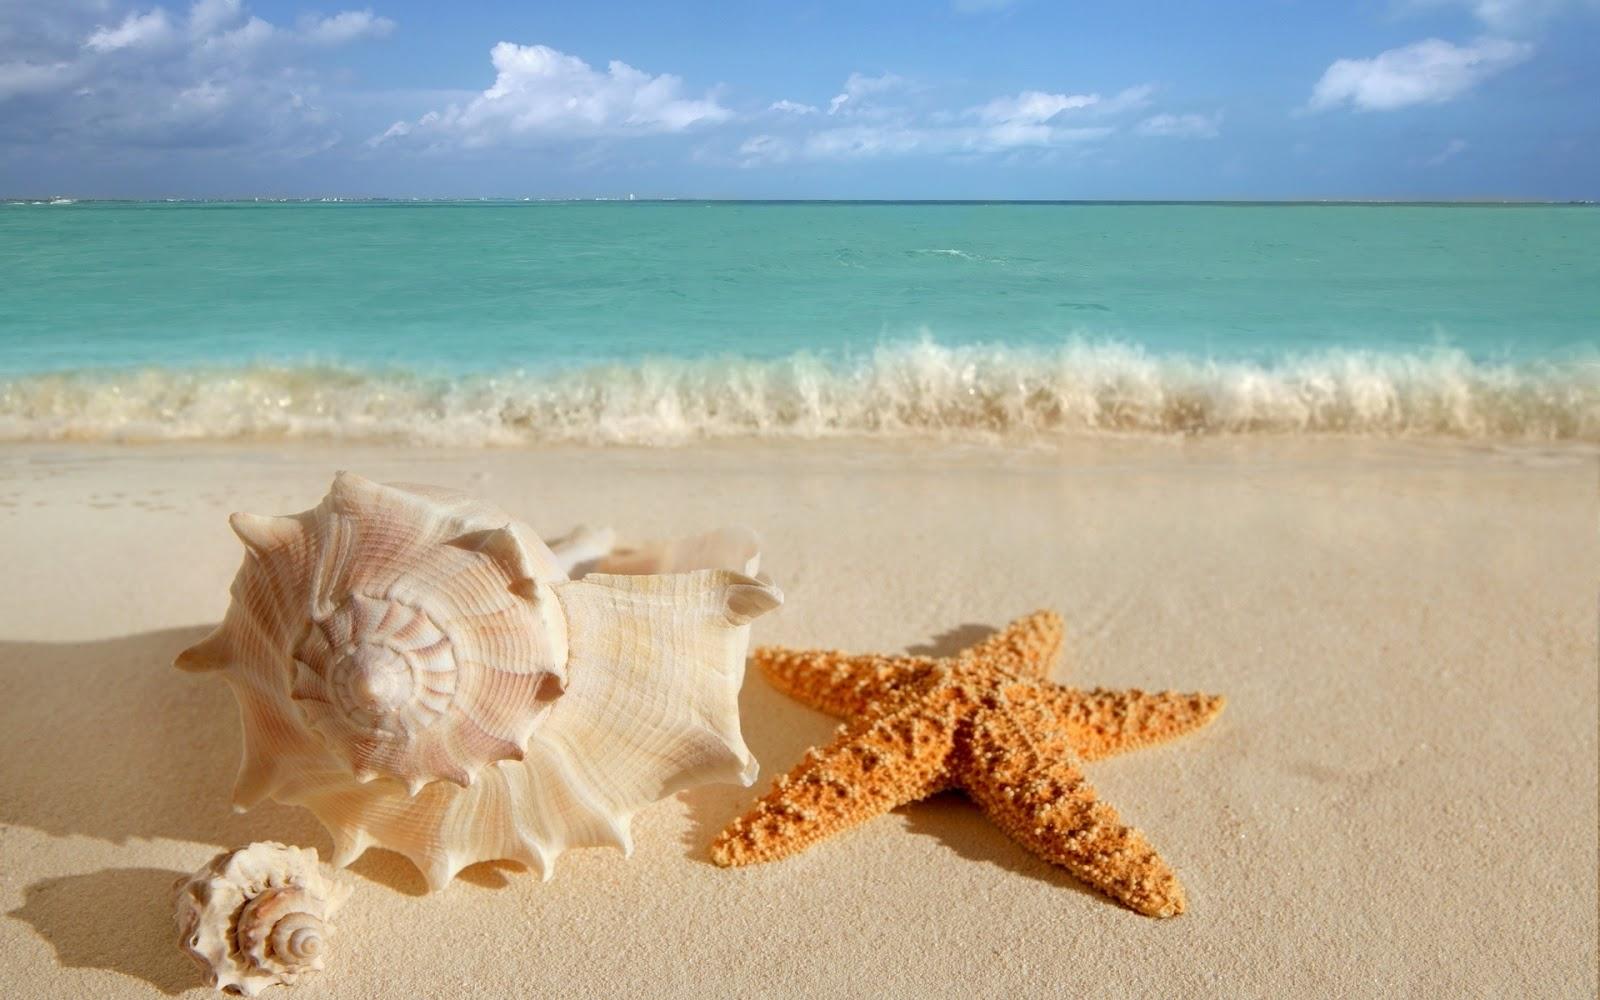 Masaje Con Caracolas O Conchas De Mar Rixikes - Fotos-de-conchas-de-mar